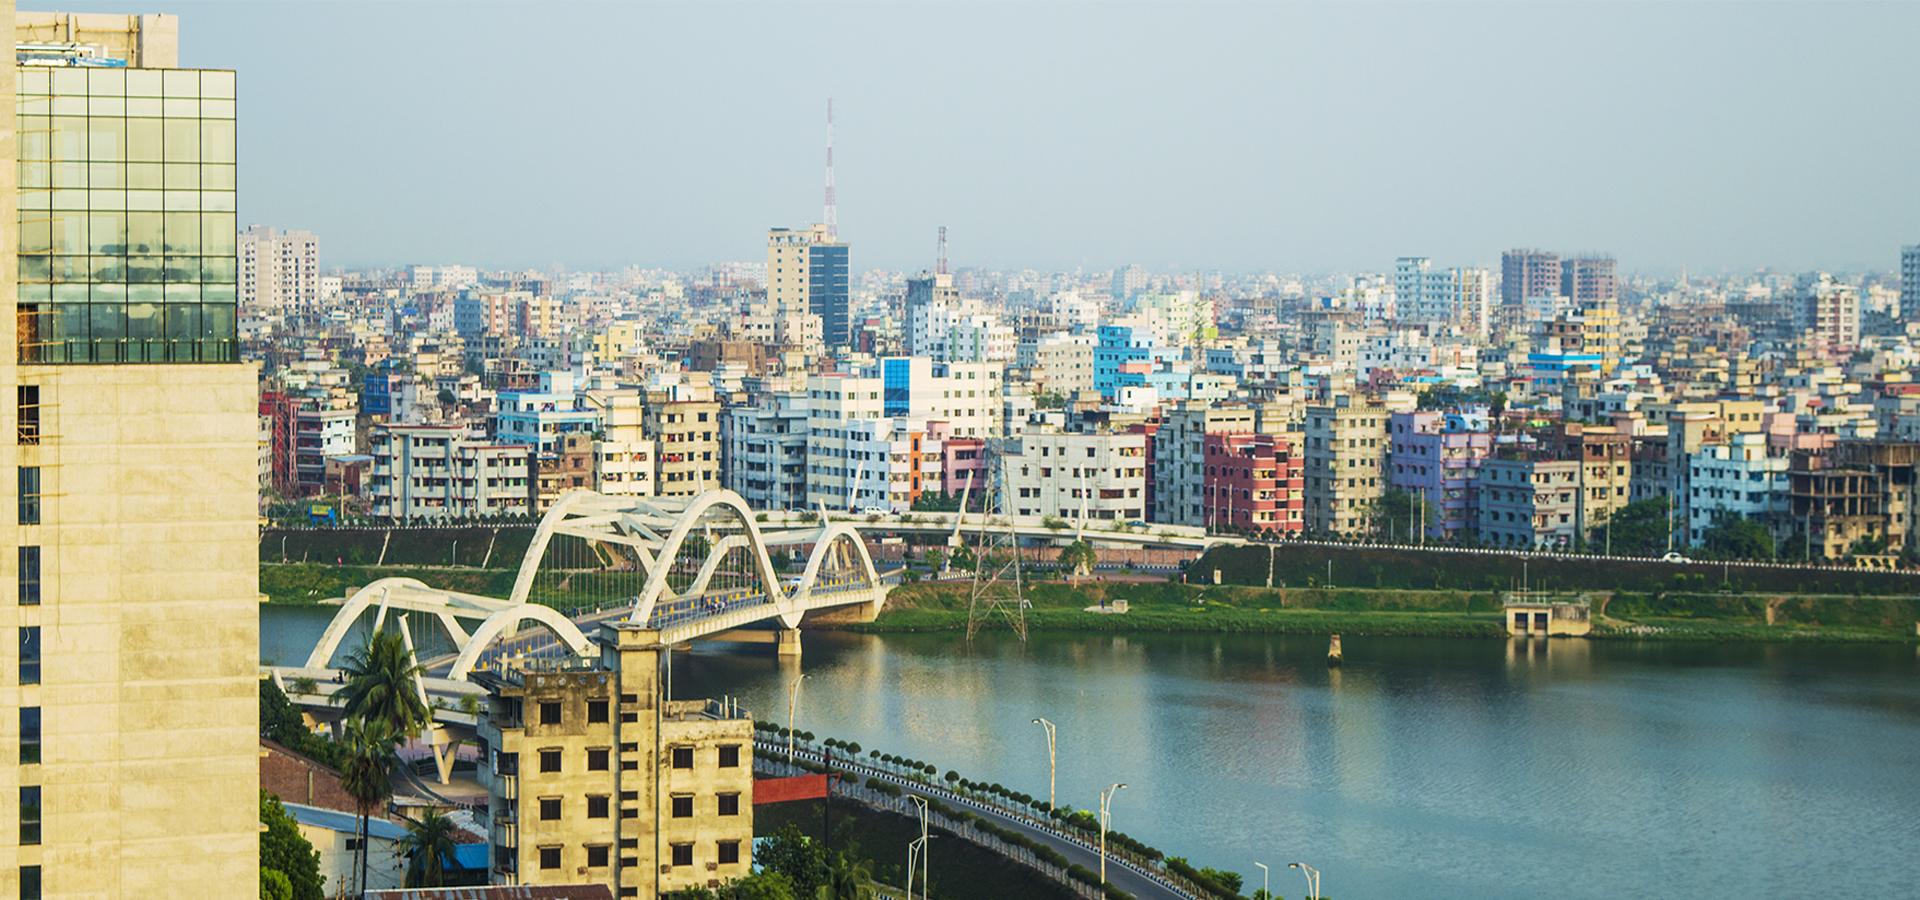 Peer-to-peer advisory in Dhaka, Bangladesh